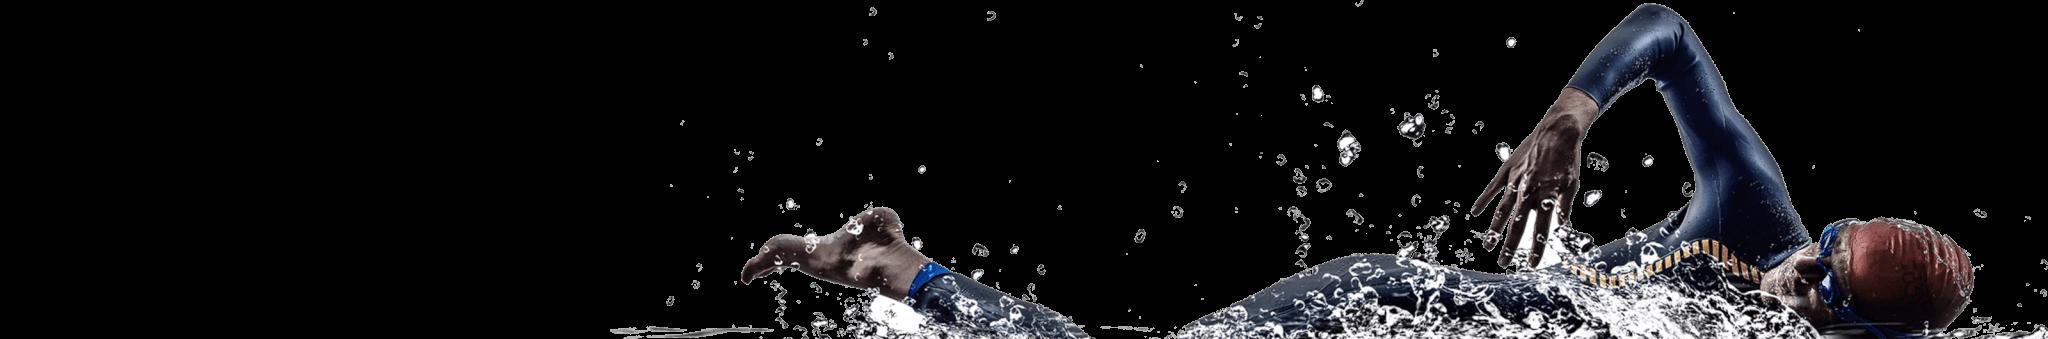 https://mszvtiburon.nl/wp-content/uploads/2017/10/inner_swimmer.png